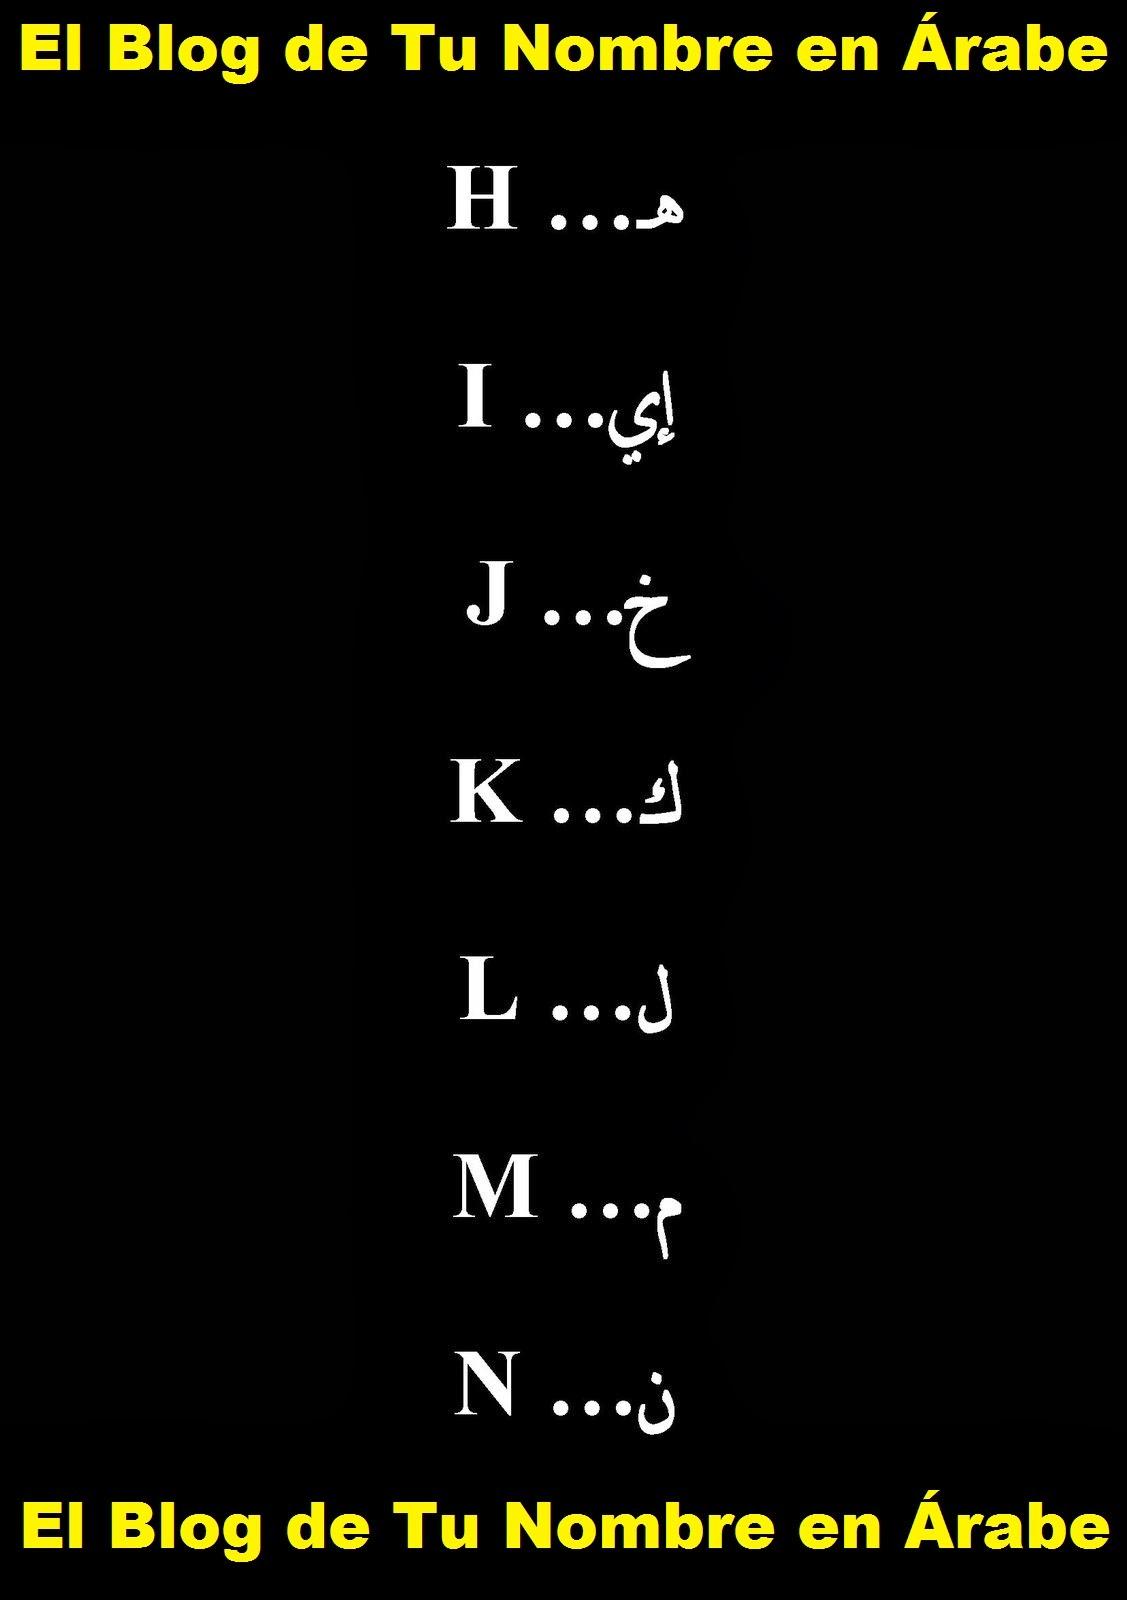 LETRAS ARABES: H I J K L M N